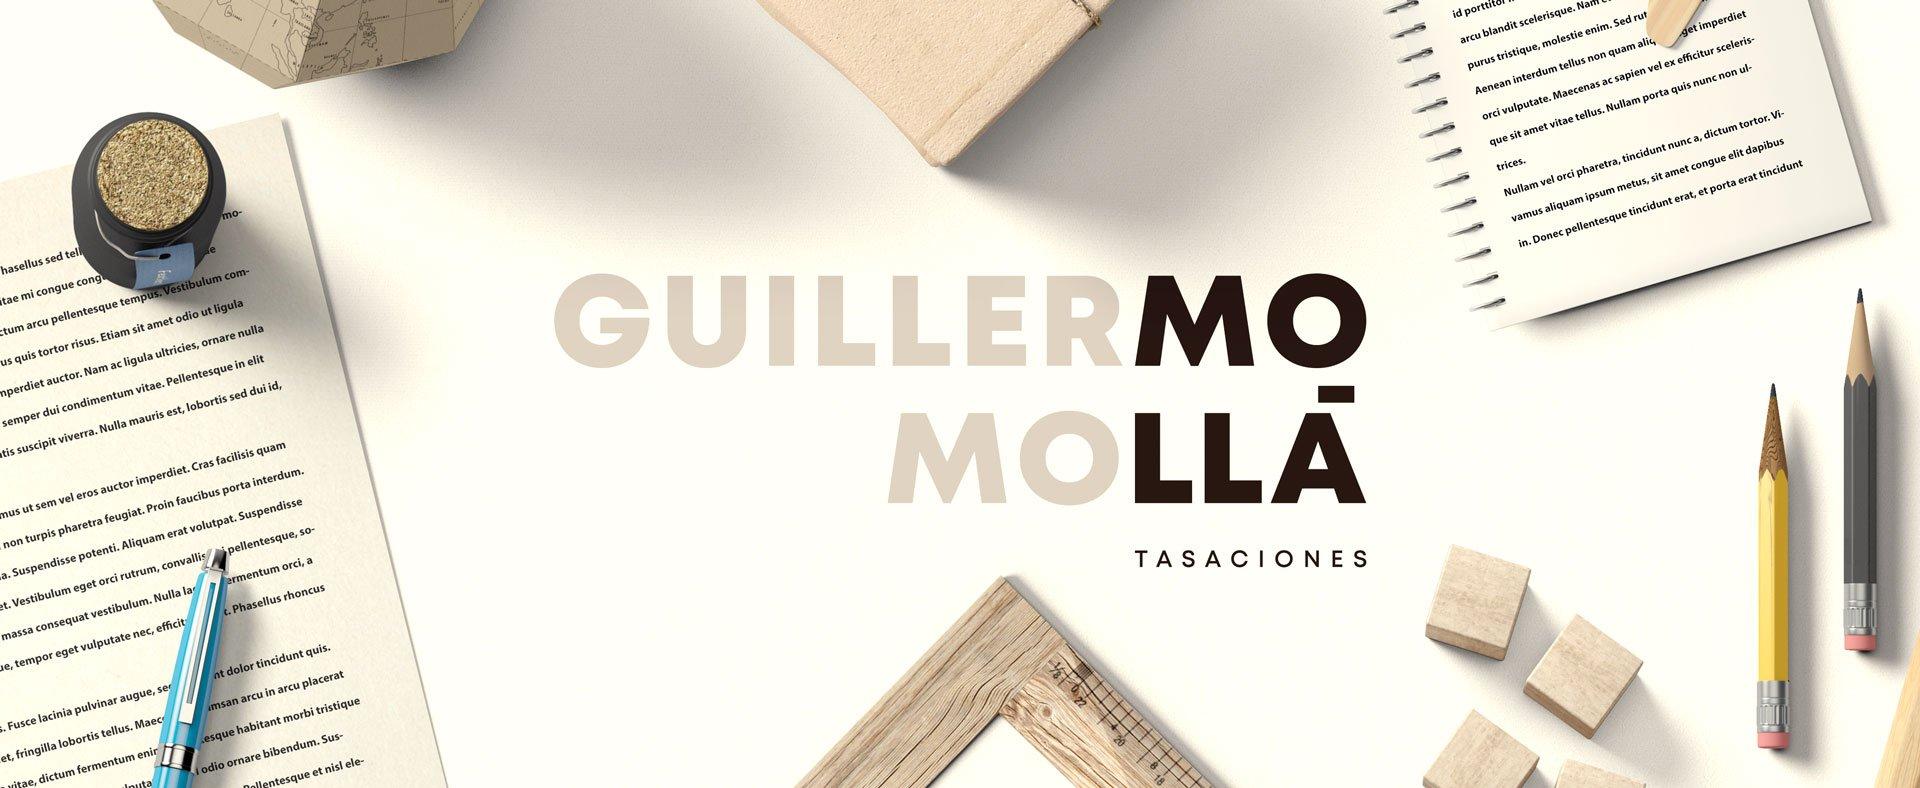 Guillermo Mollá 5